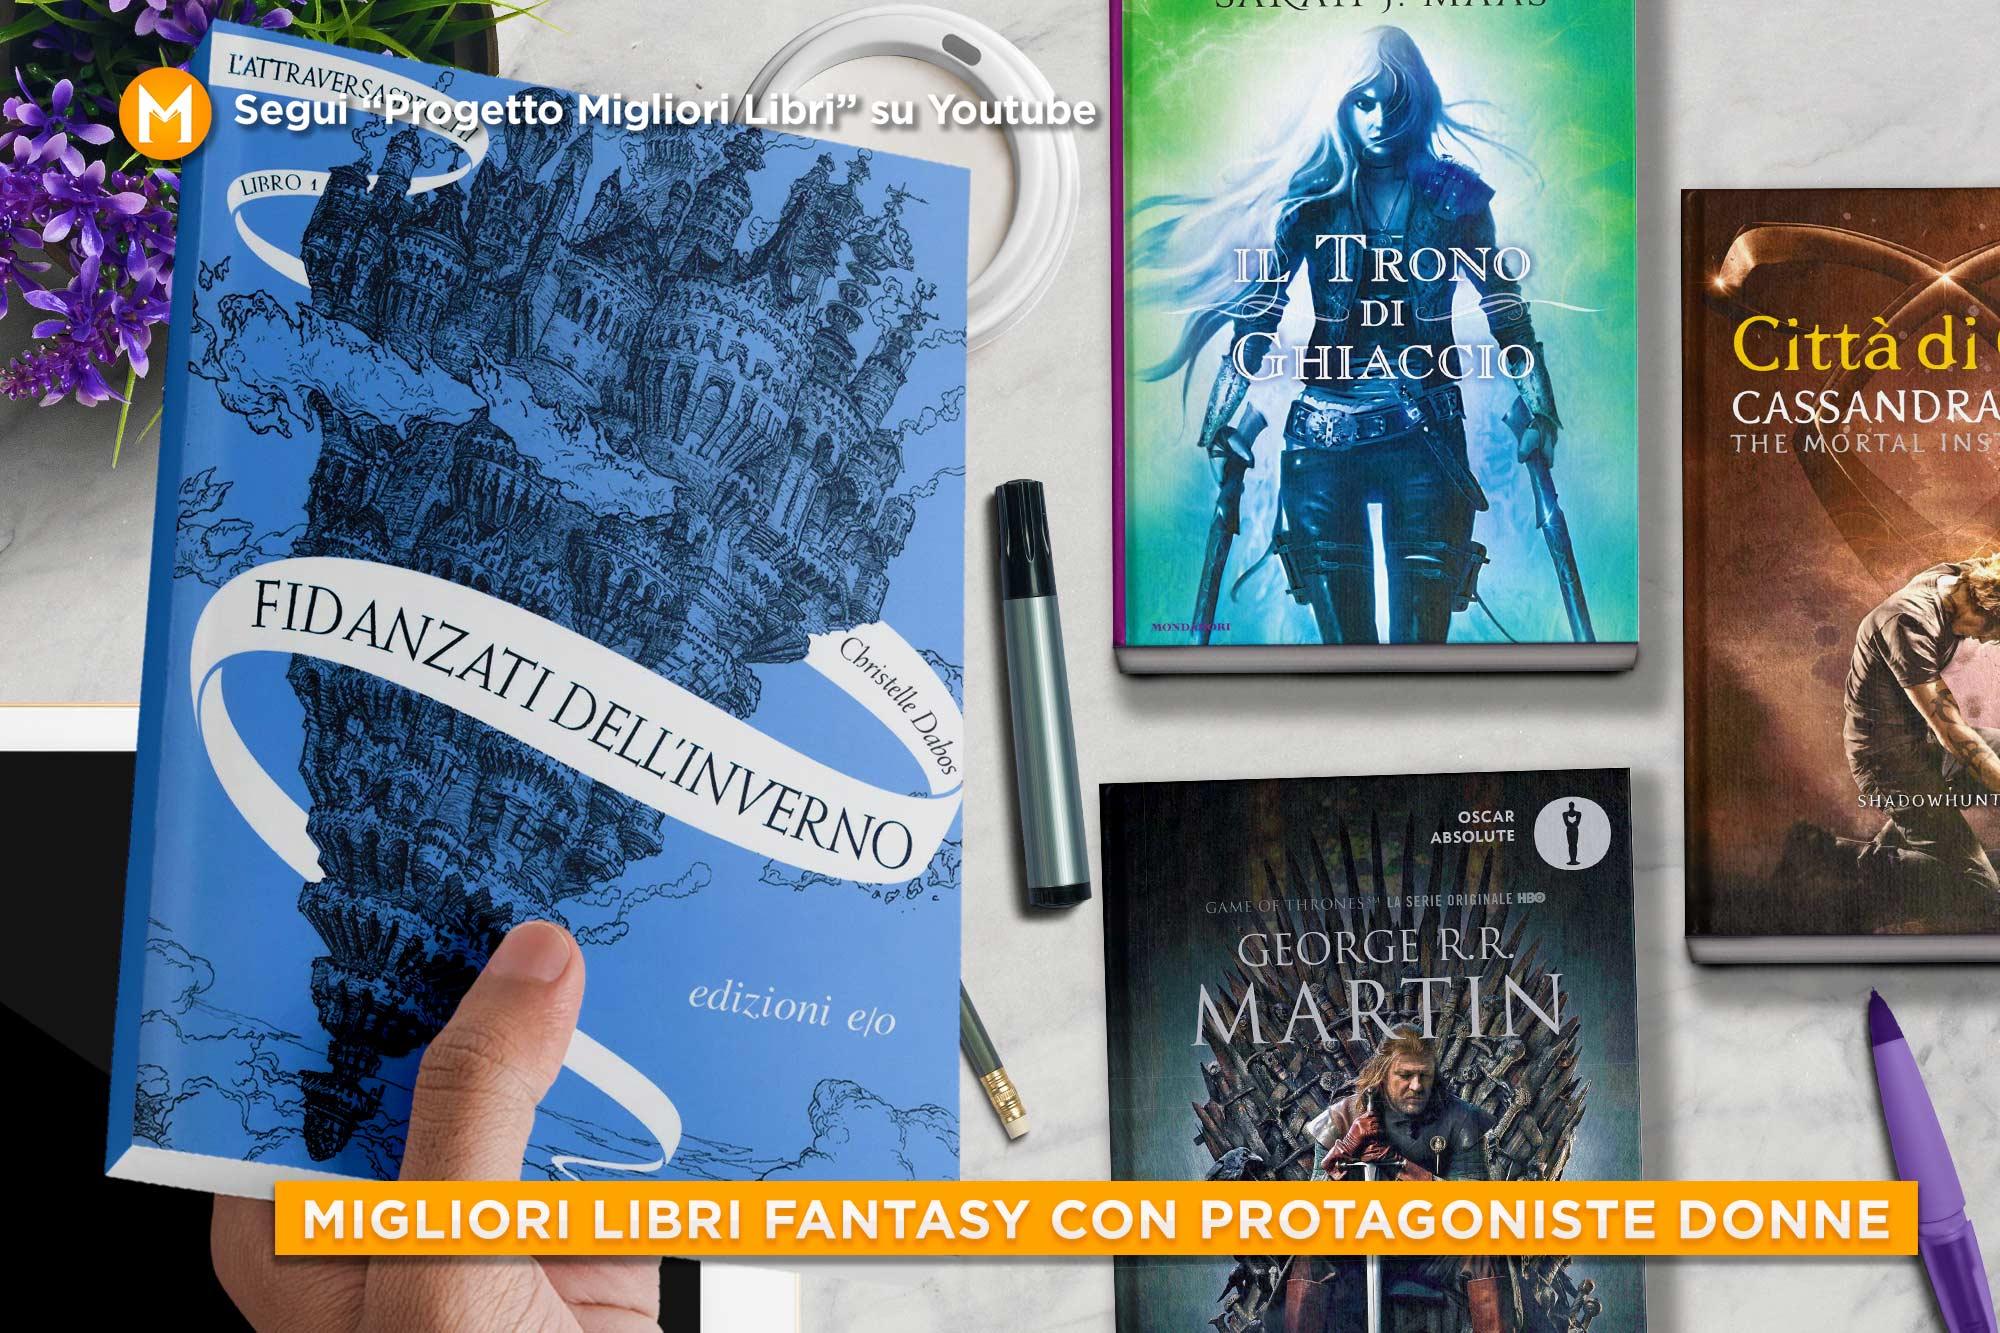 migliori-libri-fantasy-con-protagoniste-donne